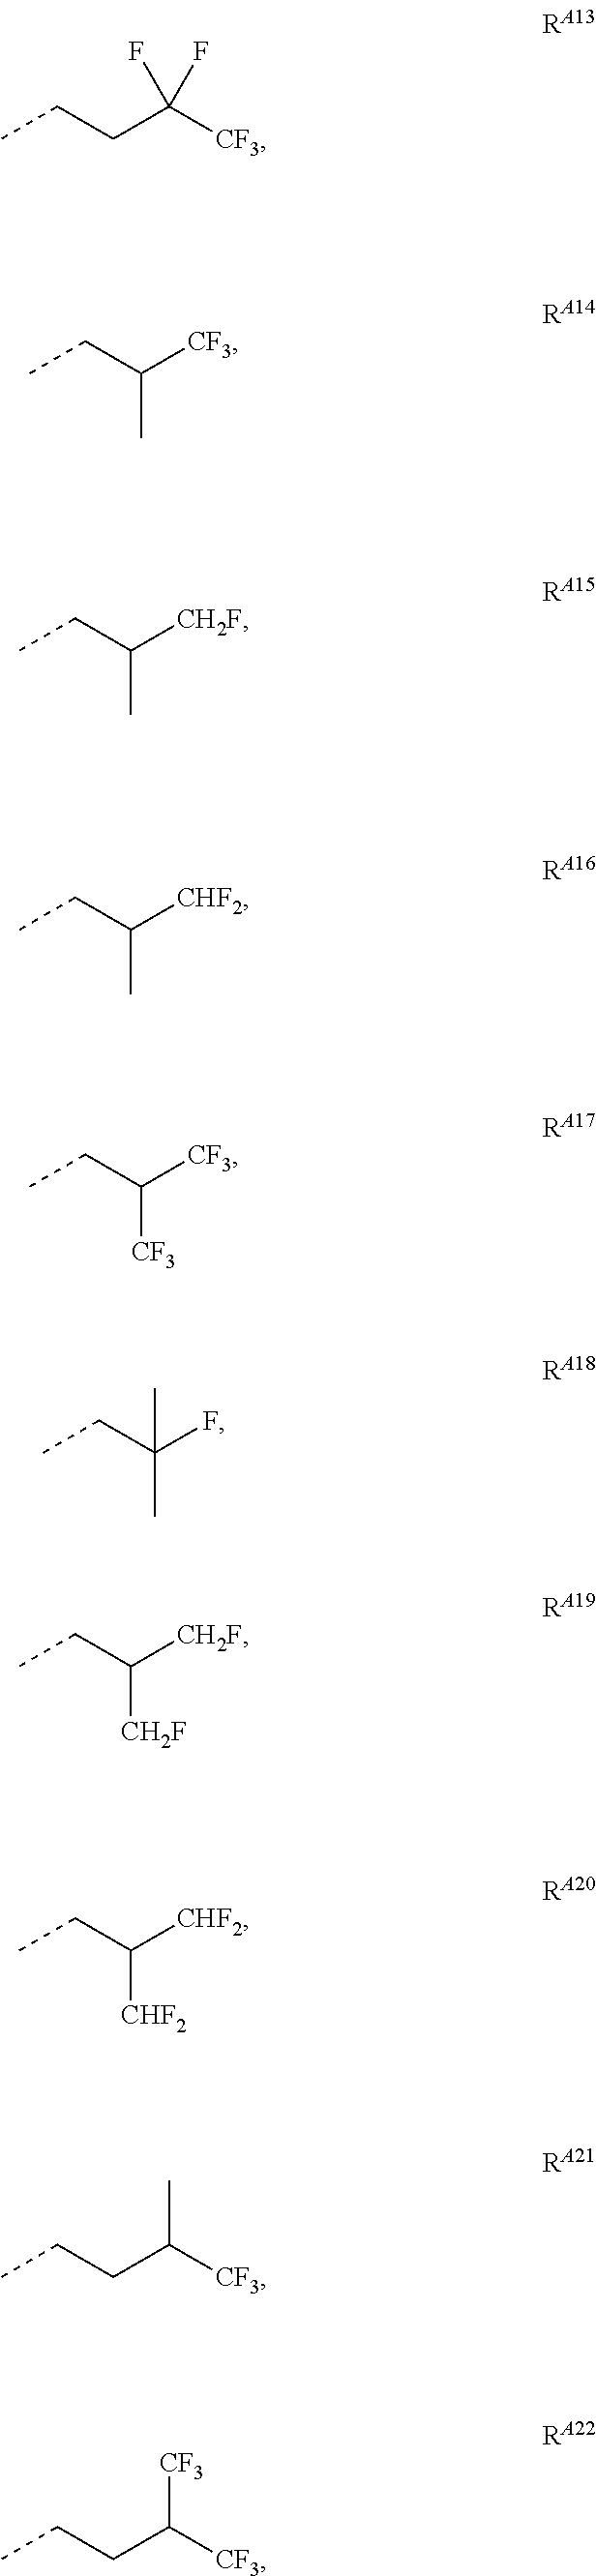 Figure US09859510-20180102-C00137